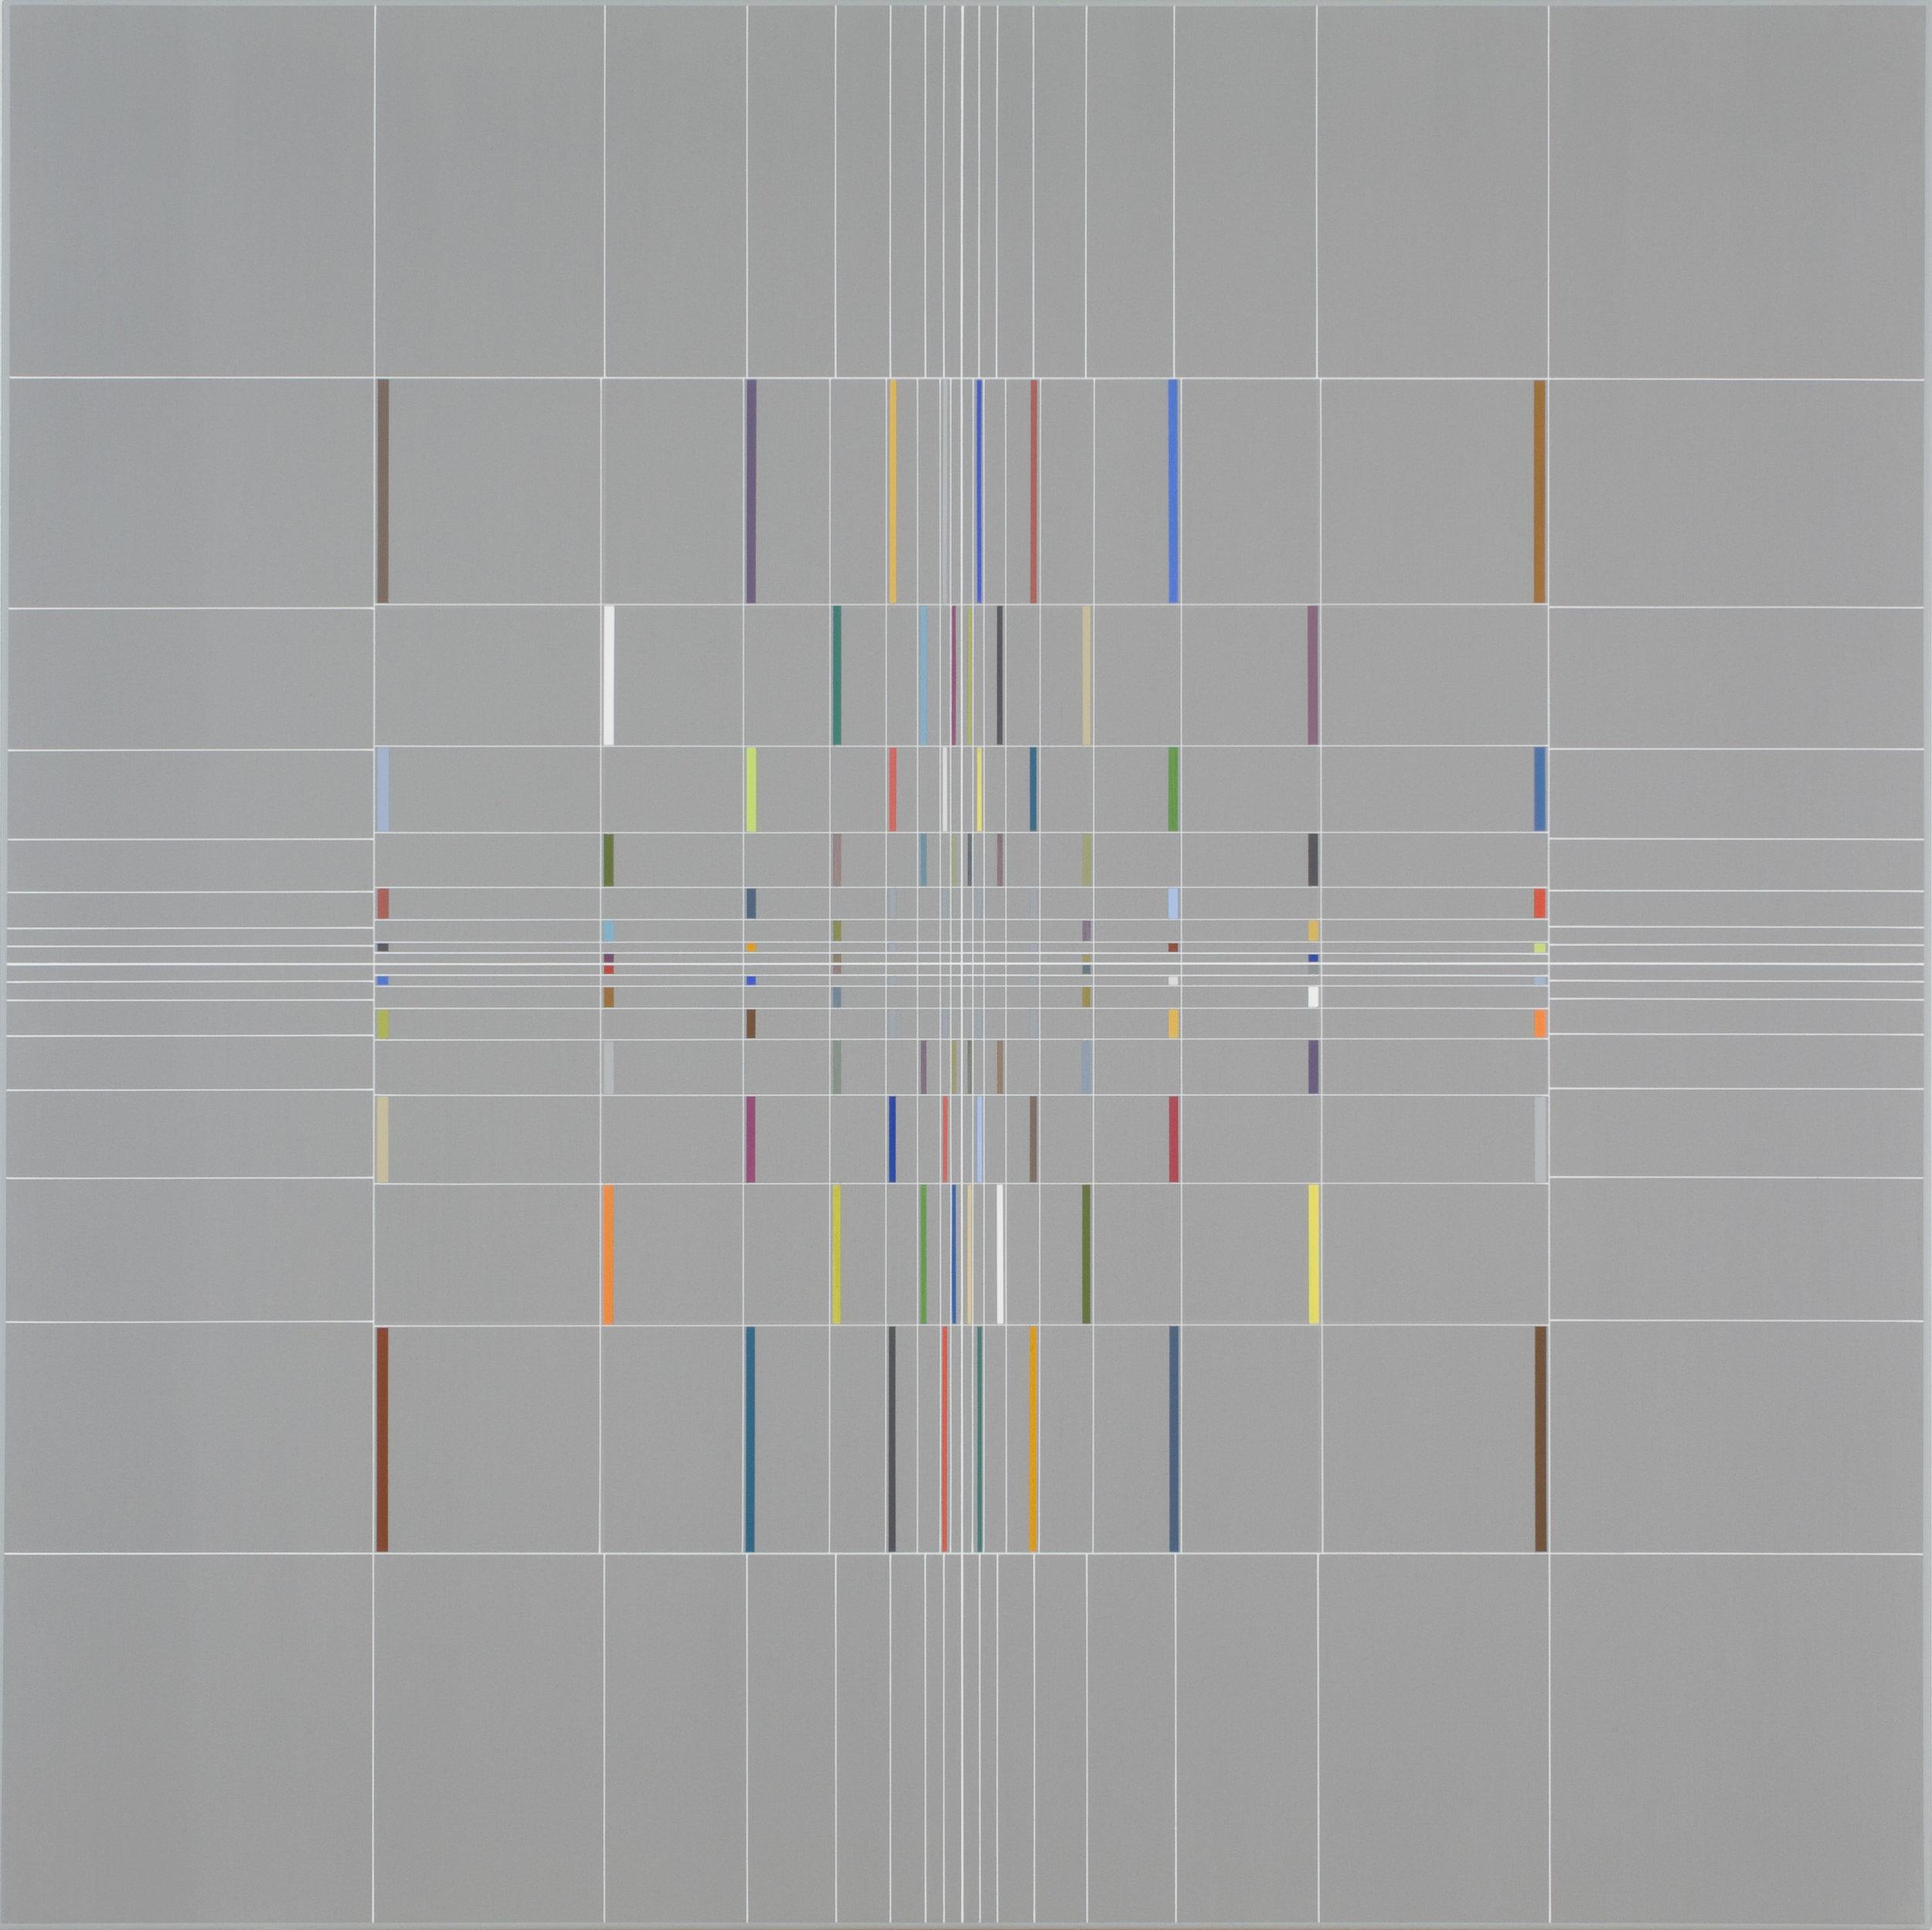 Yantra-ipsum-līlā(3)2013.Aug, acrylic on canvas, 35 7/16 x 35 7/16 in. [90x90cm]